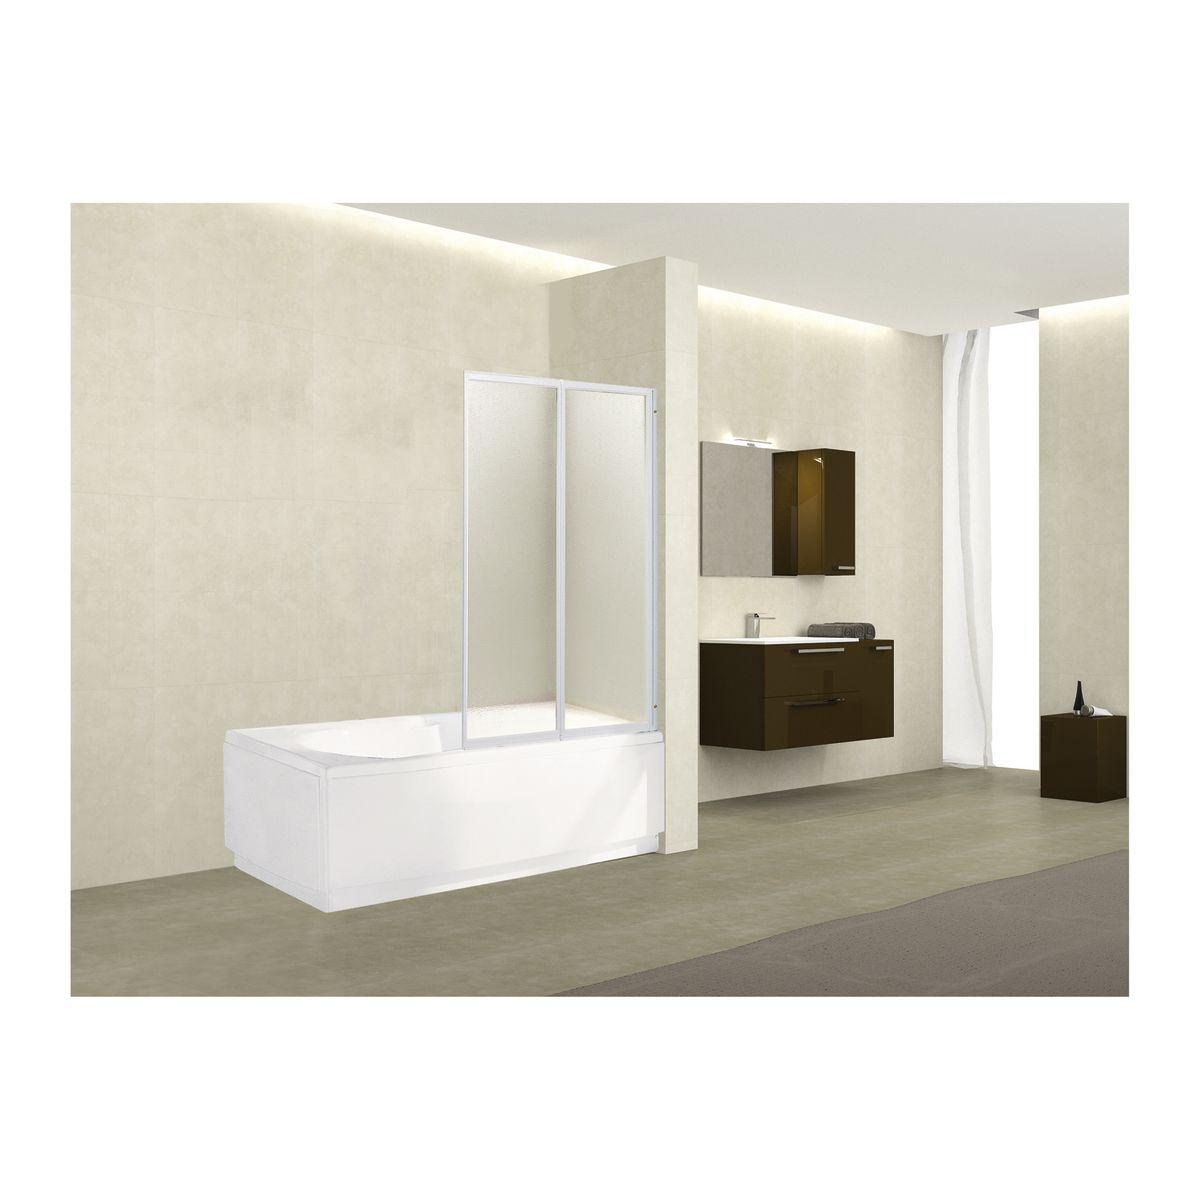 Pareti vasca: prezzi e offerte online per pareti vasca